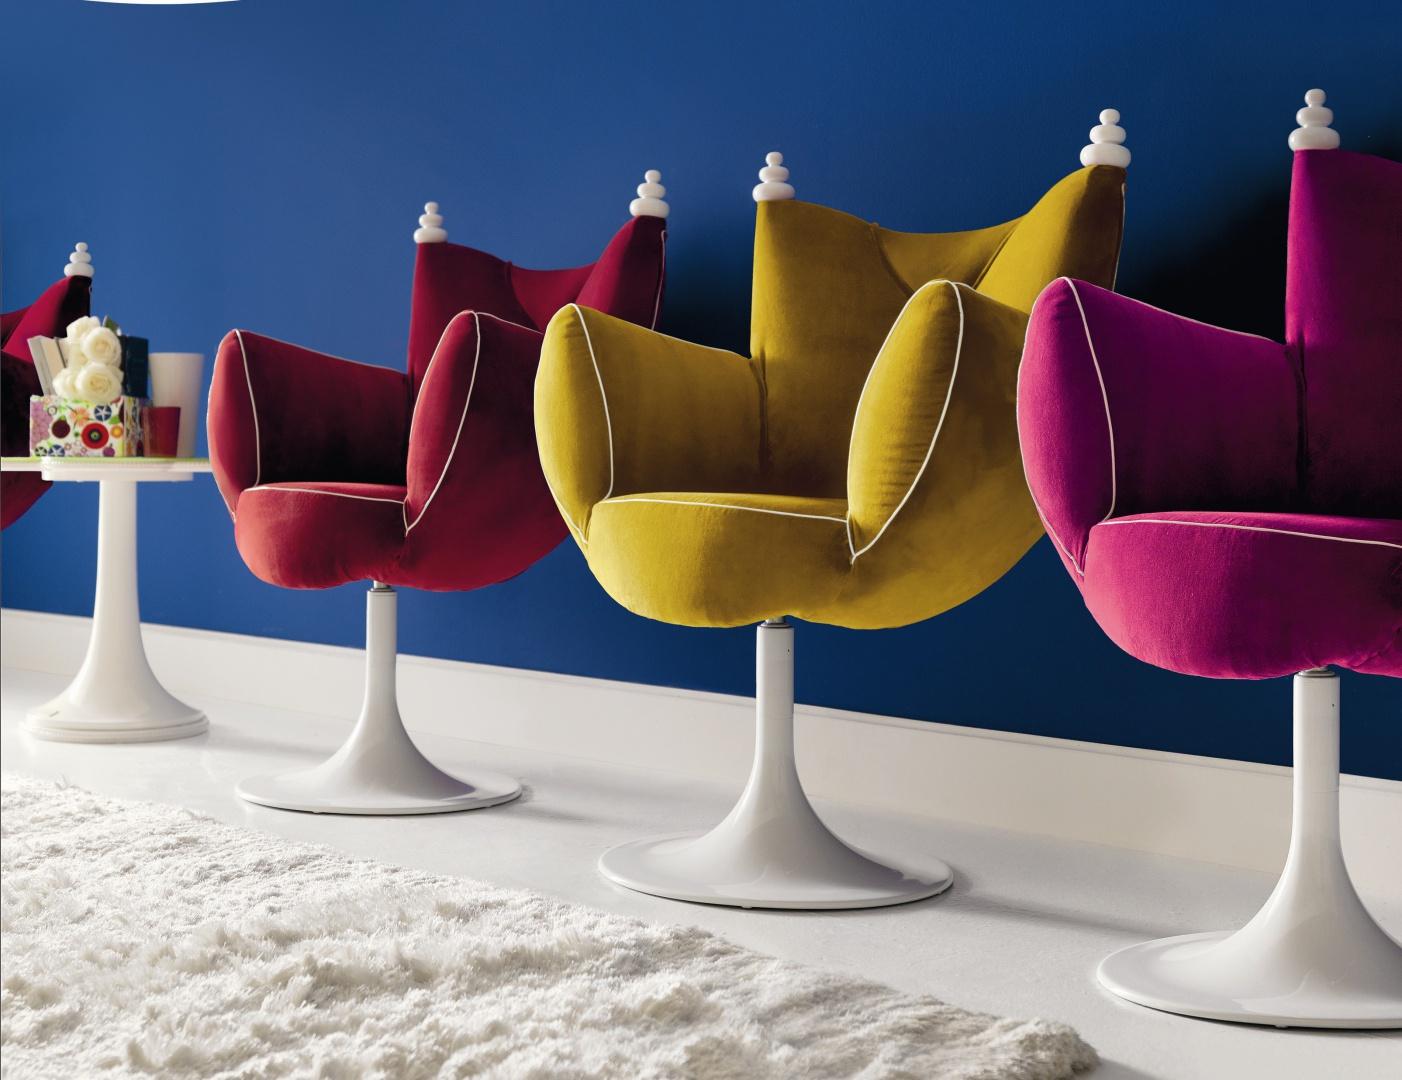 Kolorowe fotele niczym z bajki. Kolekcja Home marki Altamoda Italia. Fot. Fabio Luciani.